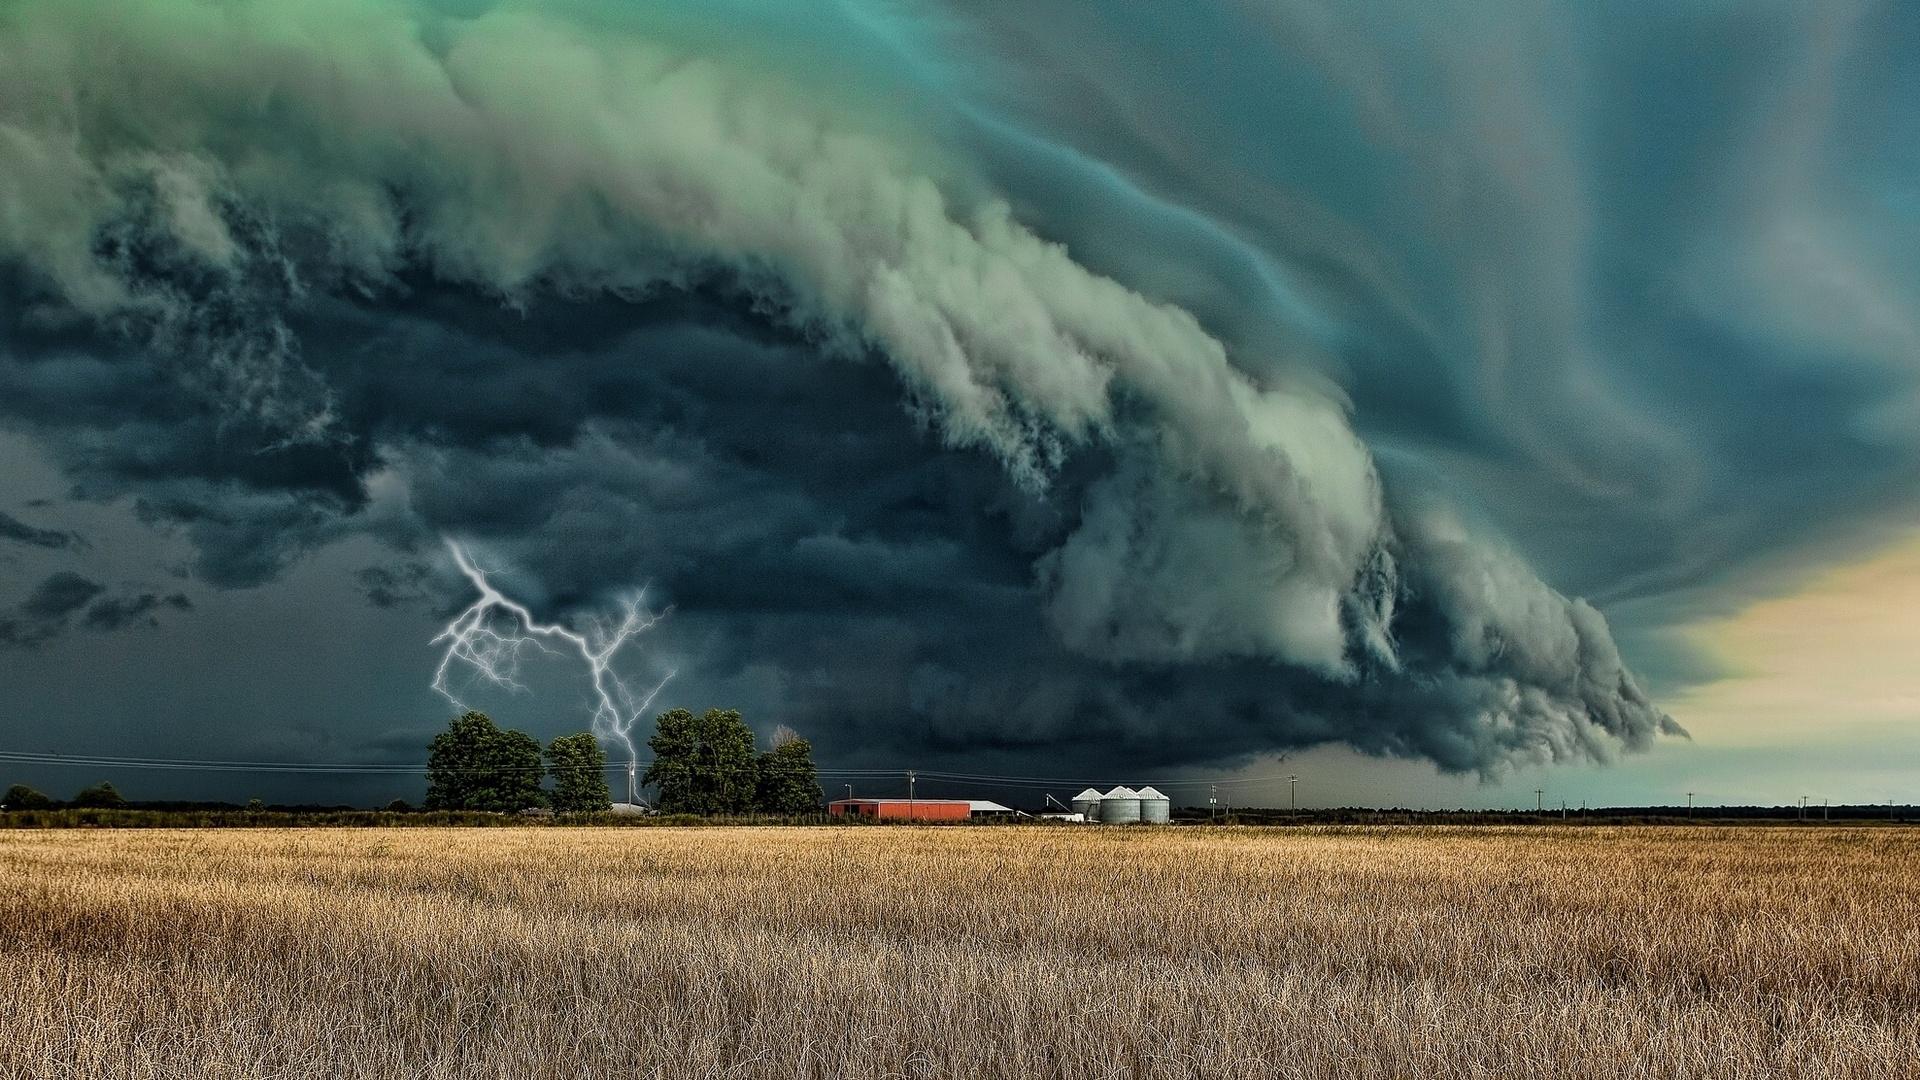 картинки стихия молния этой особенности